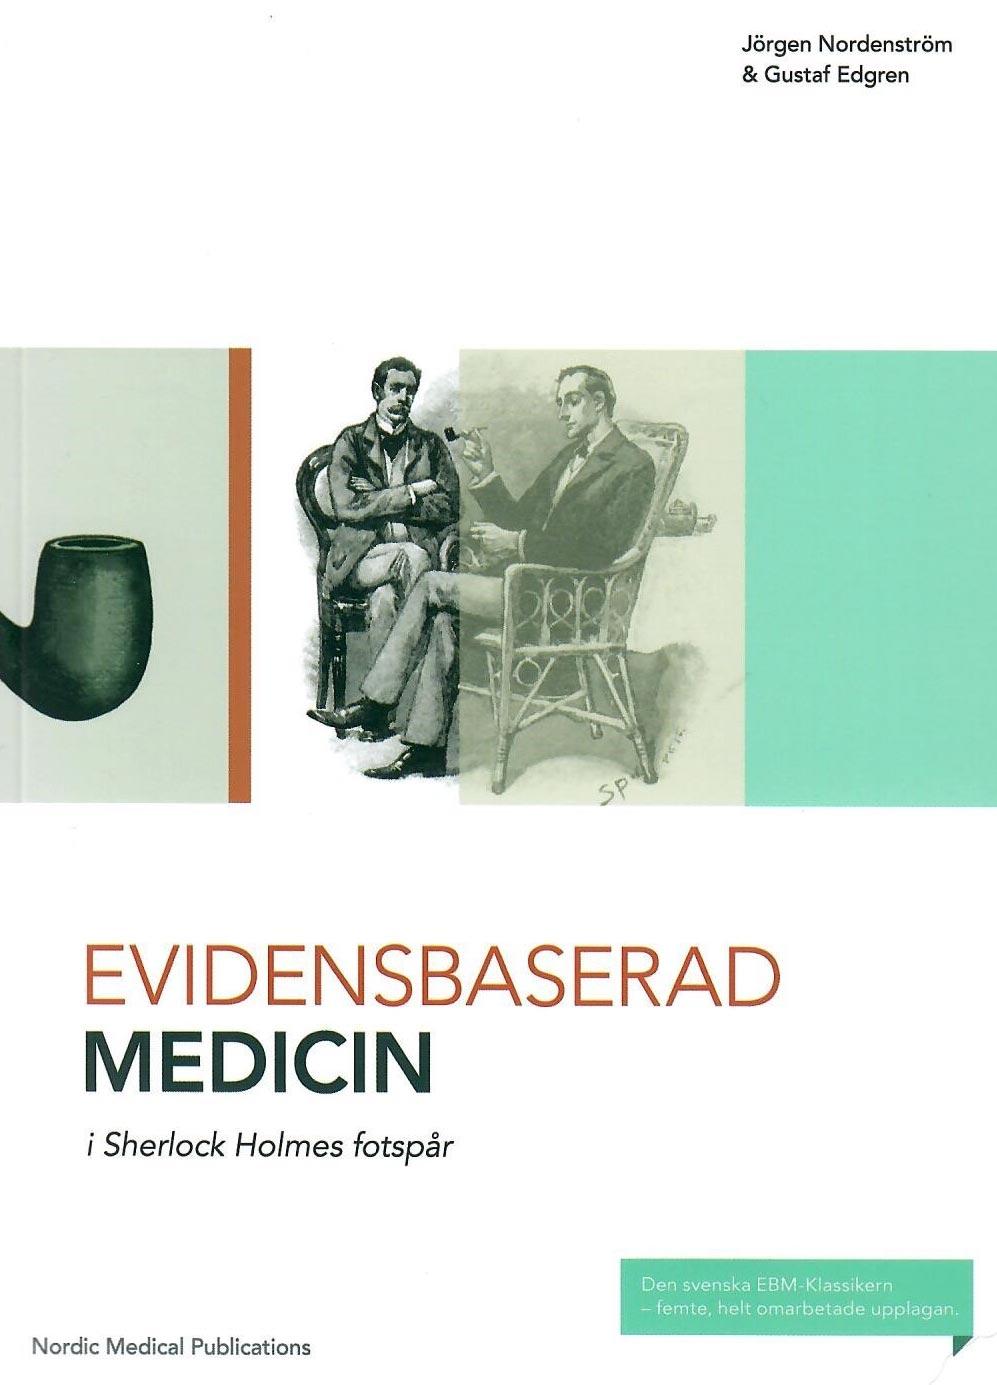 Evidensbaserad Medicin - Jörgen Nordenström